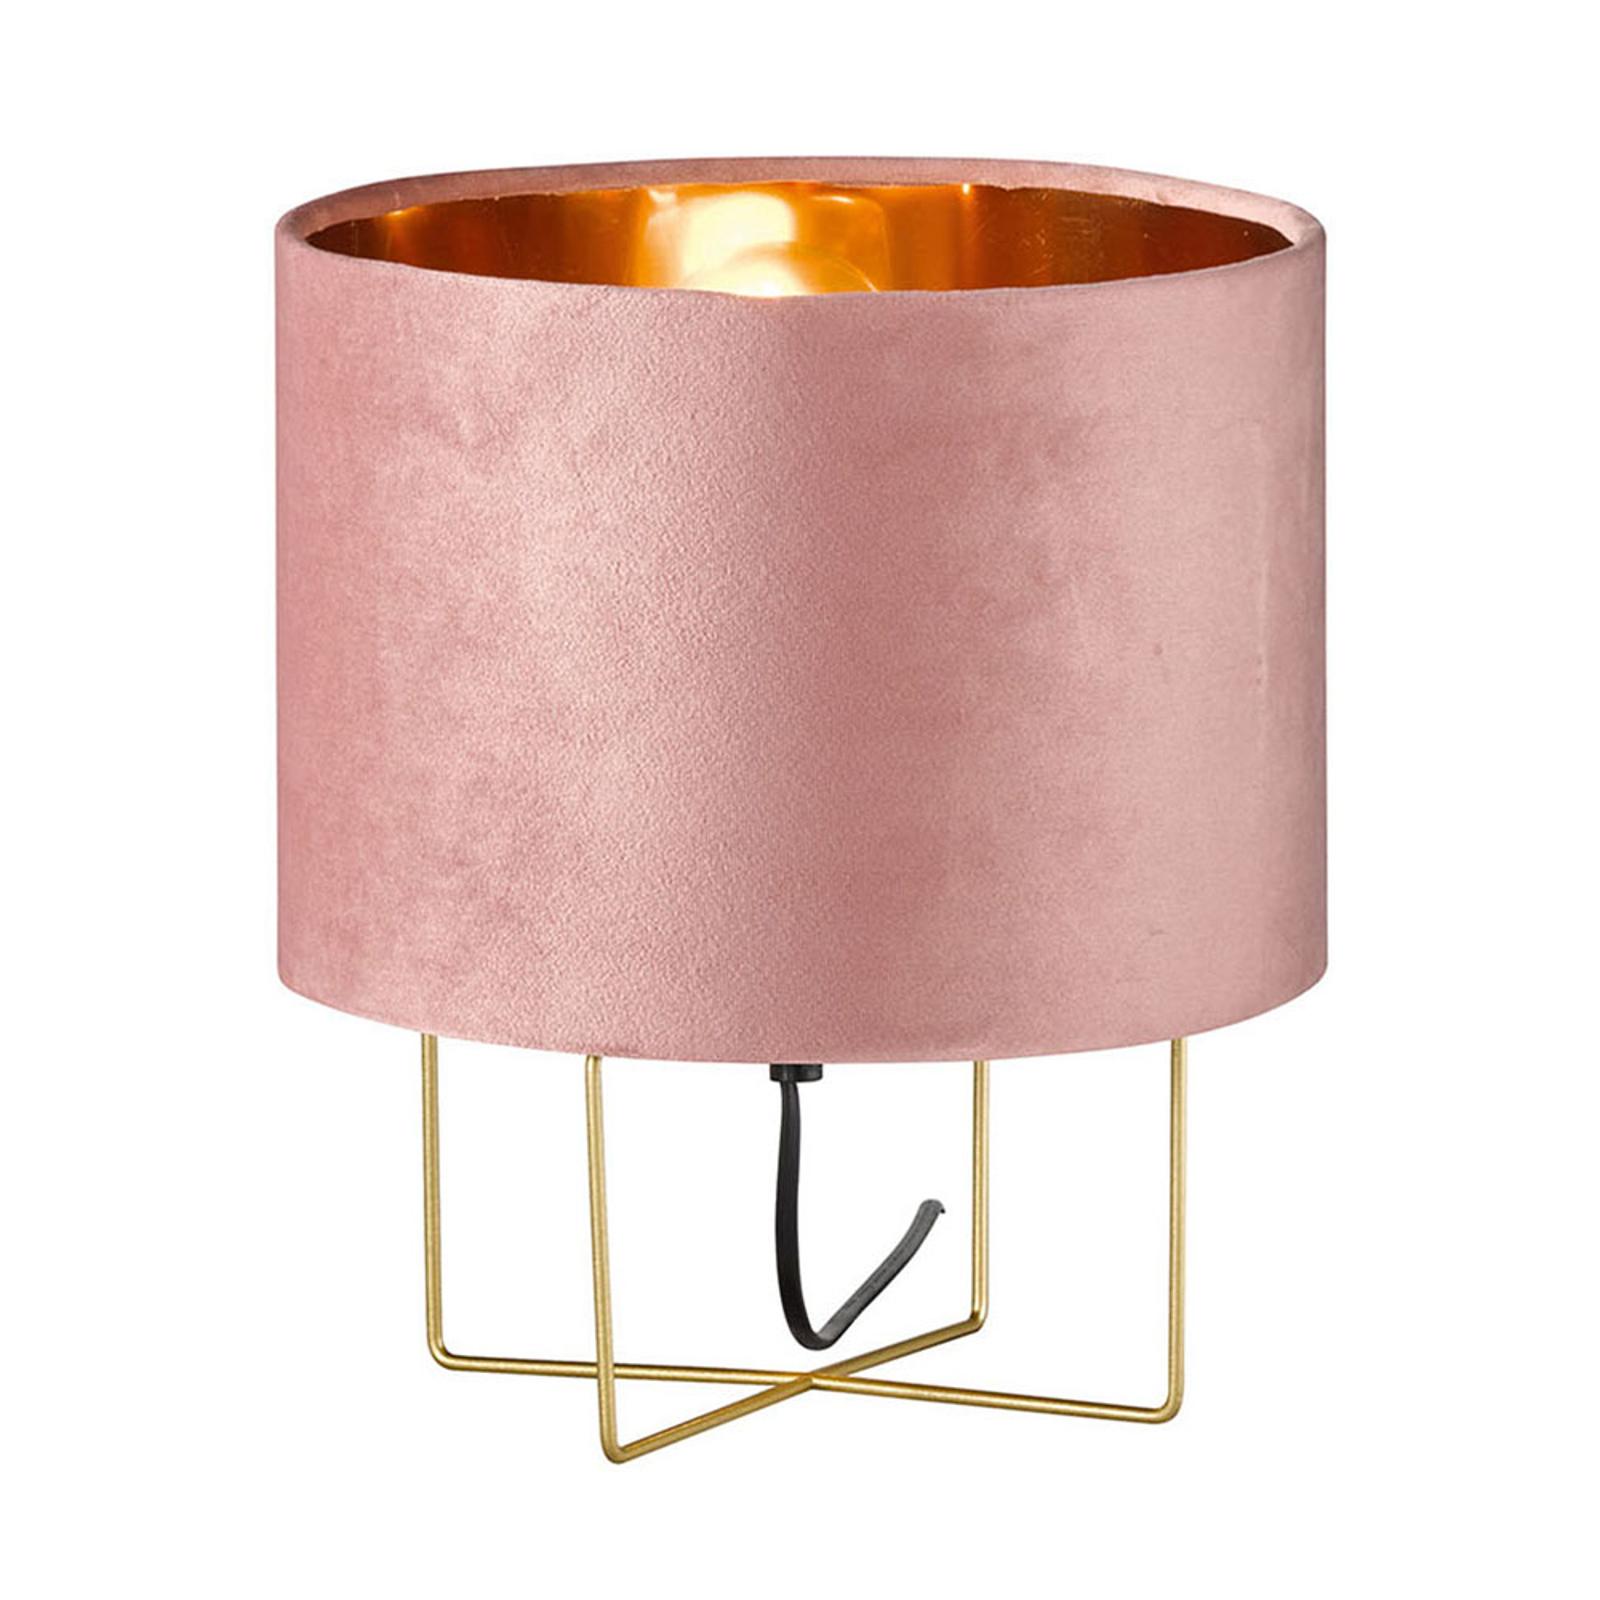 Tischleuchte Aura, Samtschirm, Höhe 32 cm, rosa